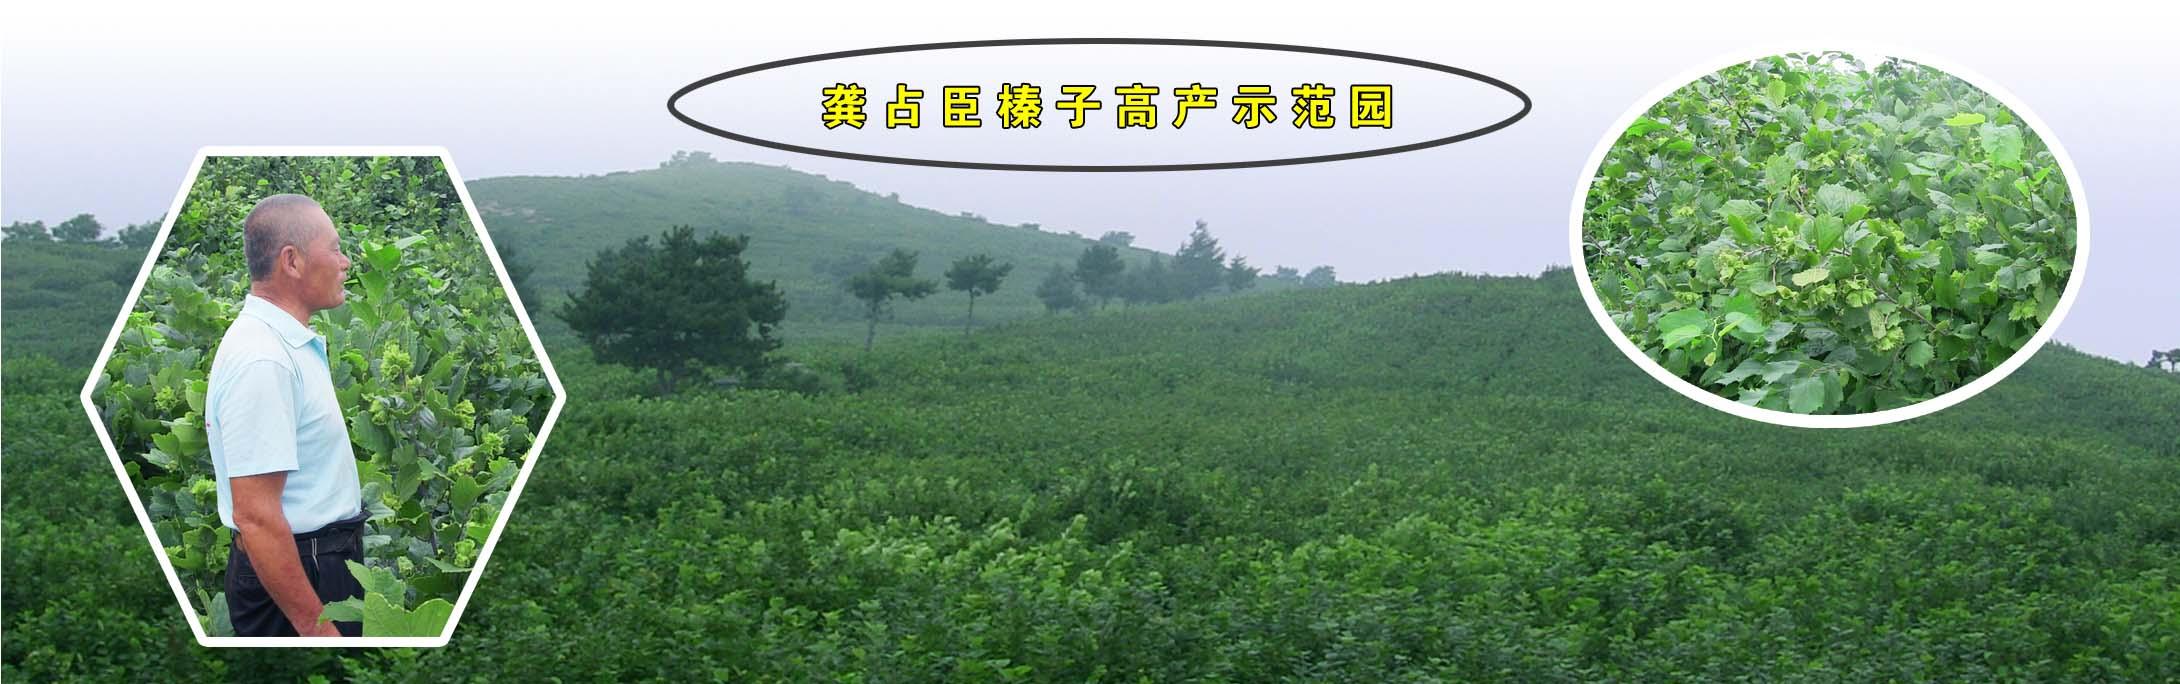 龚占臣通过连续多年的努力,将120亩荒山改造成为丰产榛园。通过实践,他总结出榛林通风和叶片保护理论,实现了在较大面积榛园内连续丰产喜人成绩!他的技术已经应用到清河区杨木林子镇养马大村的550亩榛林,今年产量可达到300斤以上。